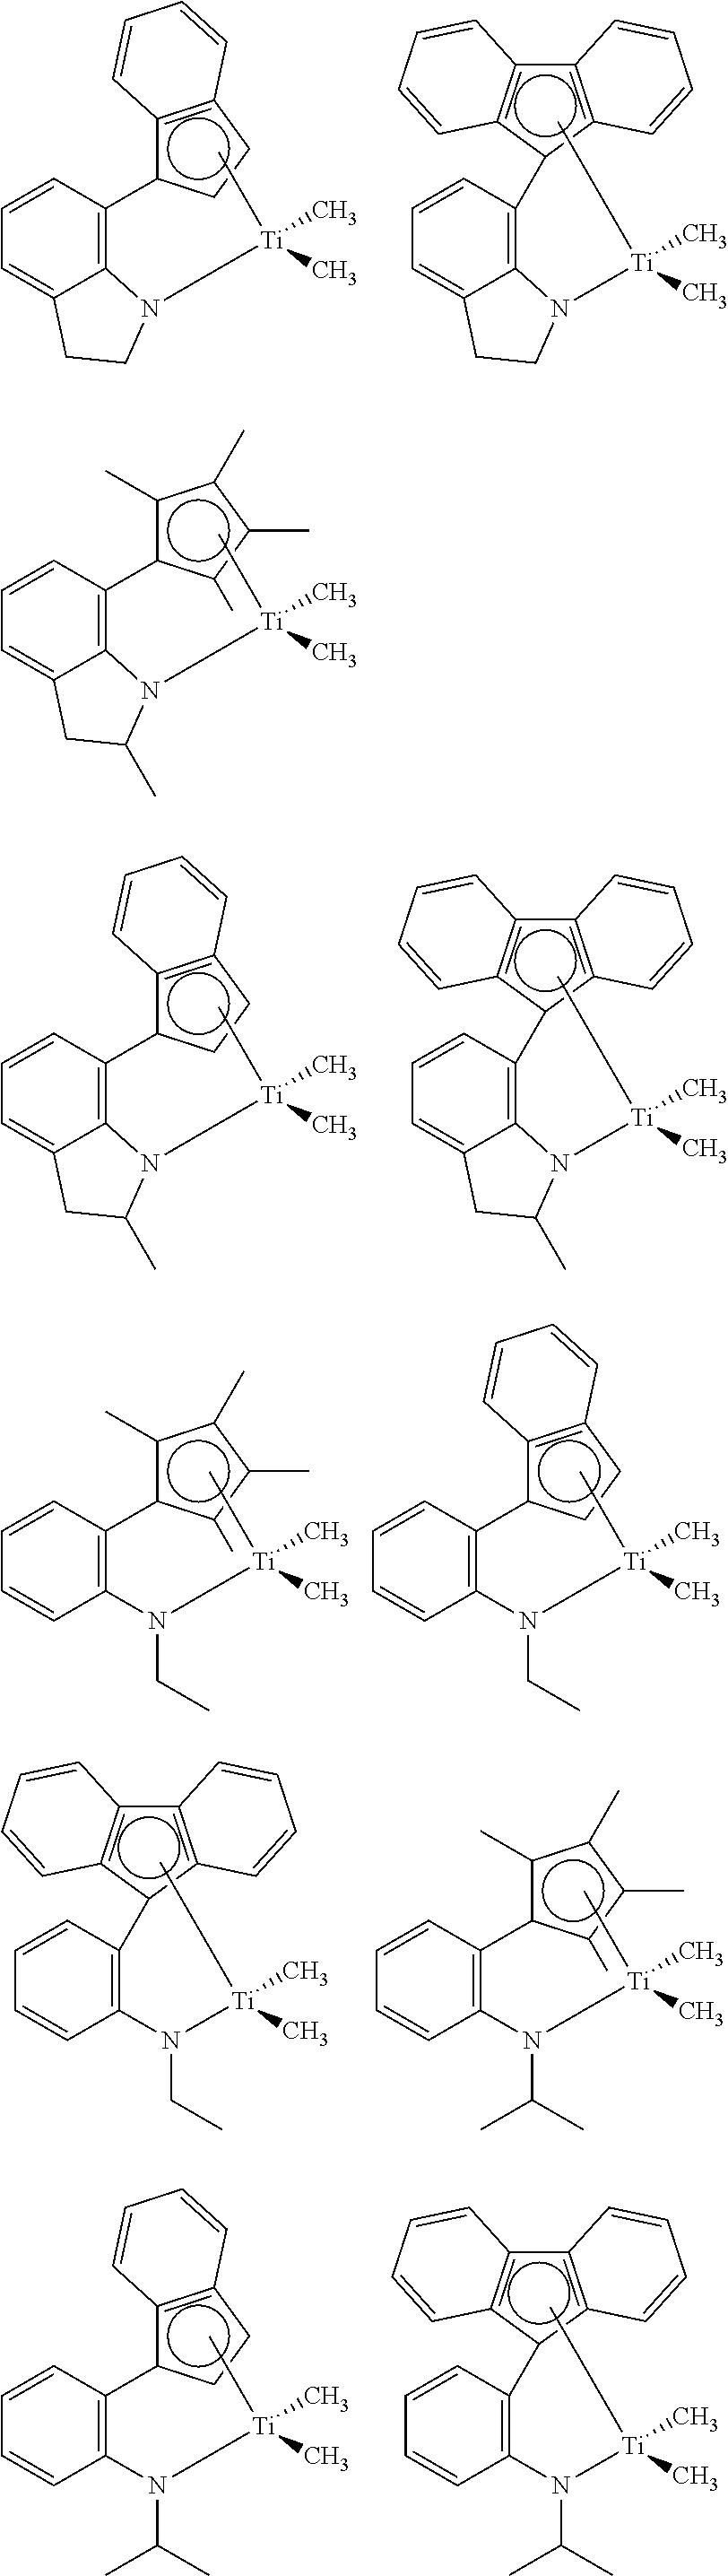 Figure US07932207-20110426-C00031